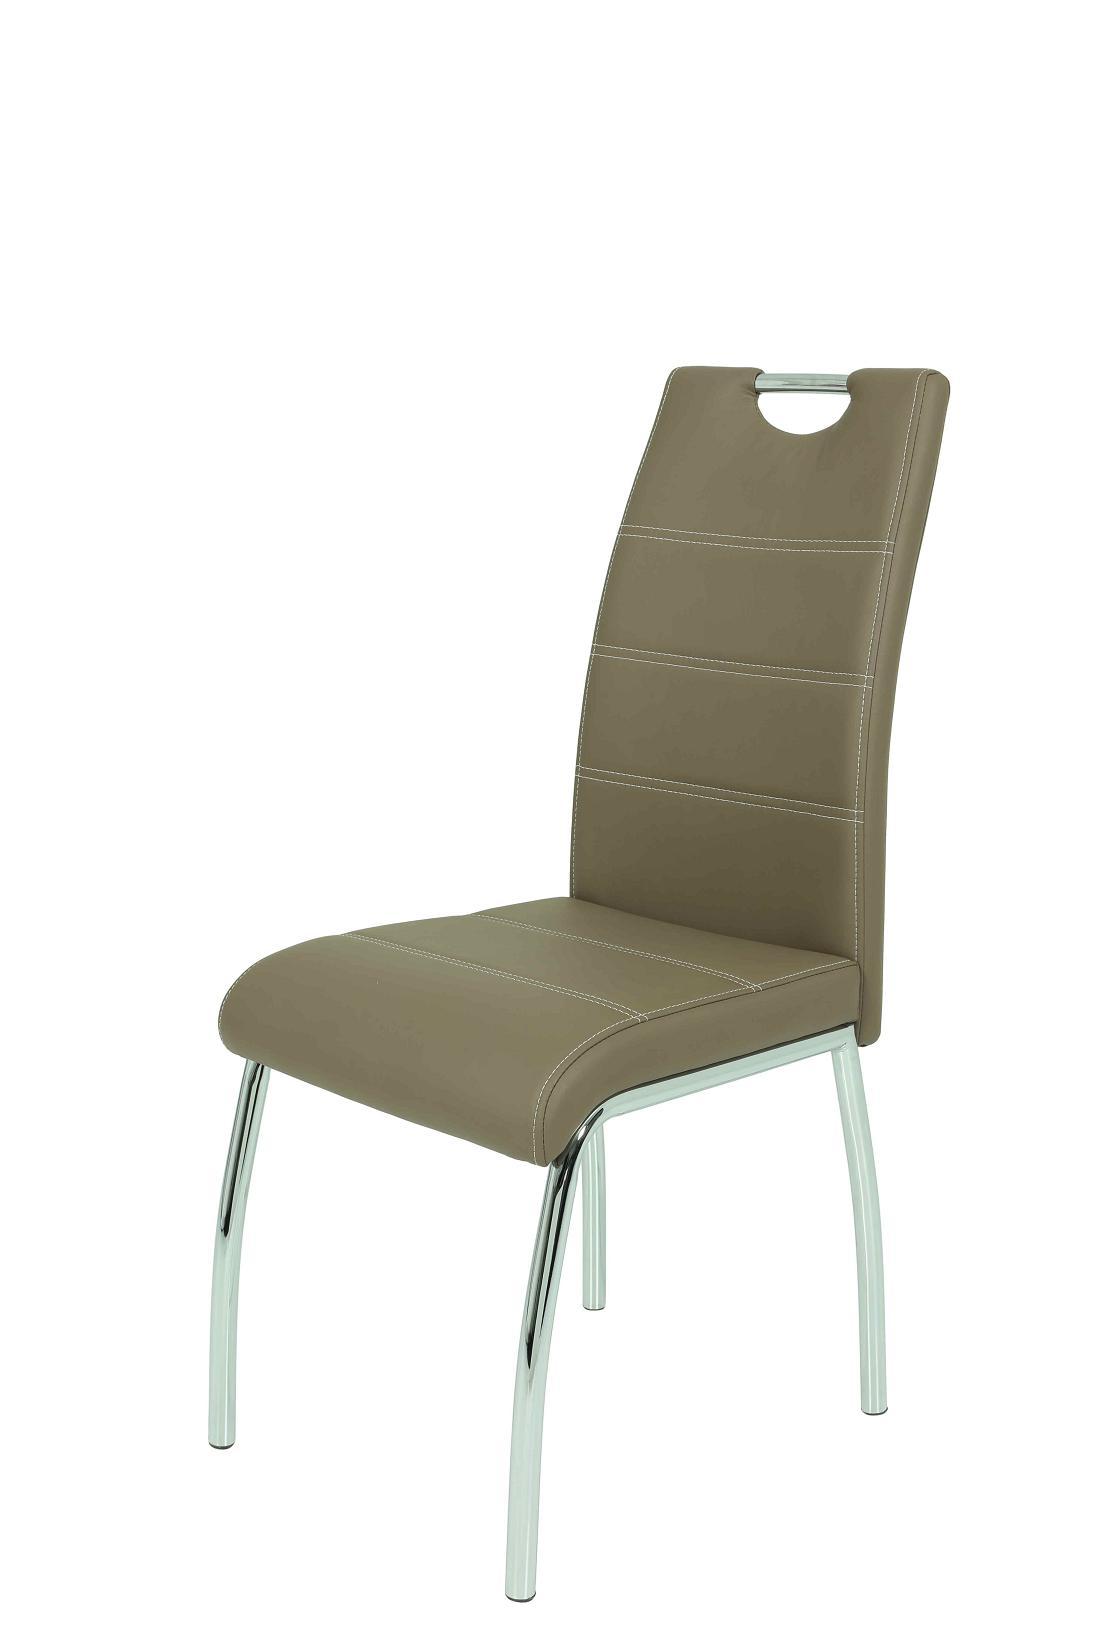 4 Stühle=Set Vierfussstuhl Stuhl Susi S 18 Kunstleder Latte